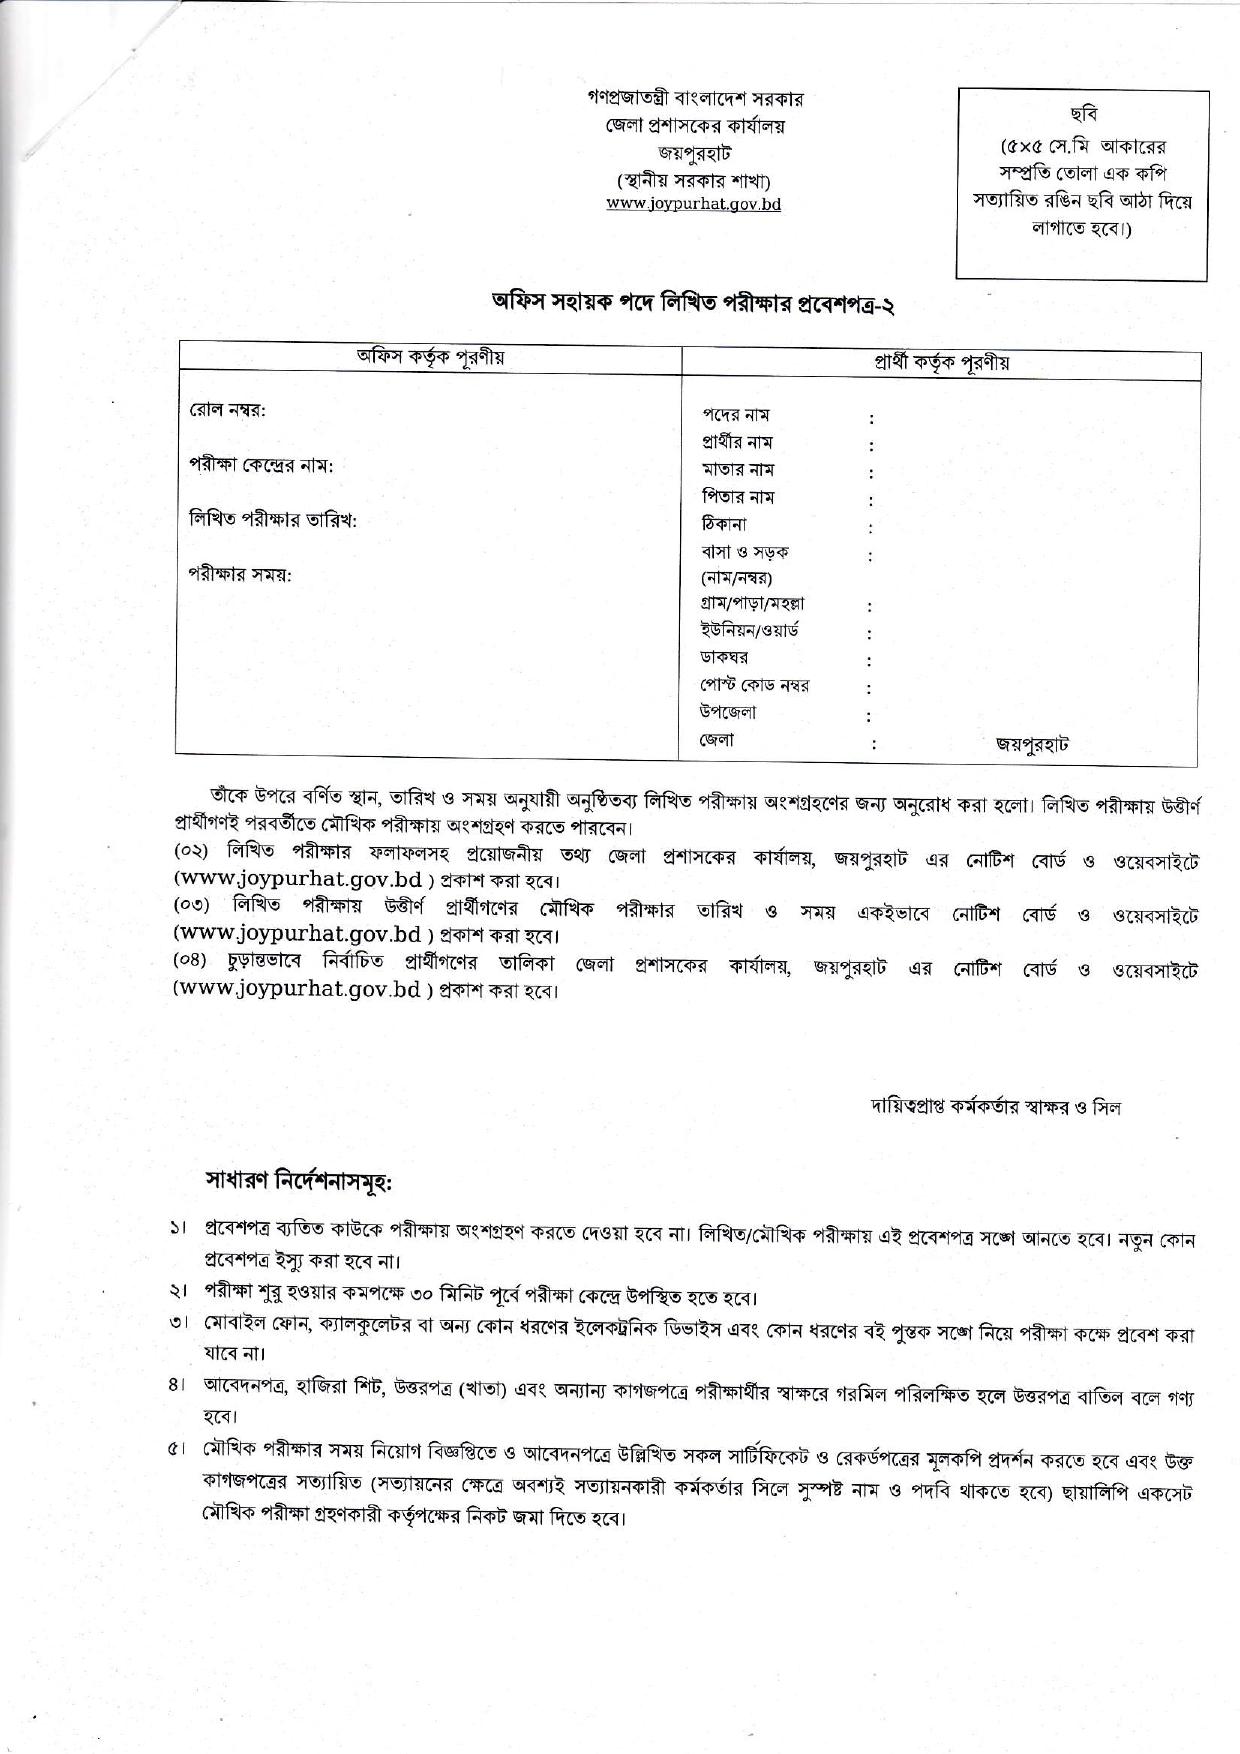 জয়পুরহাট জেলা প্রশাসকের কার্যালয় নিয়োগ